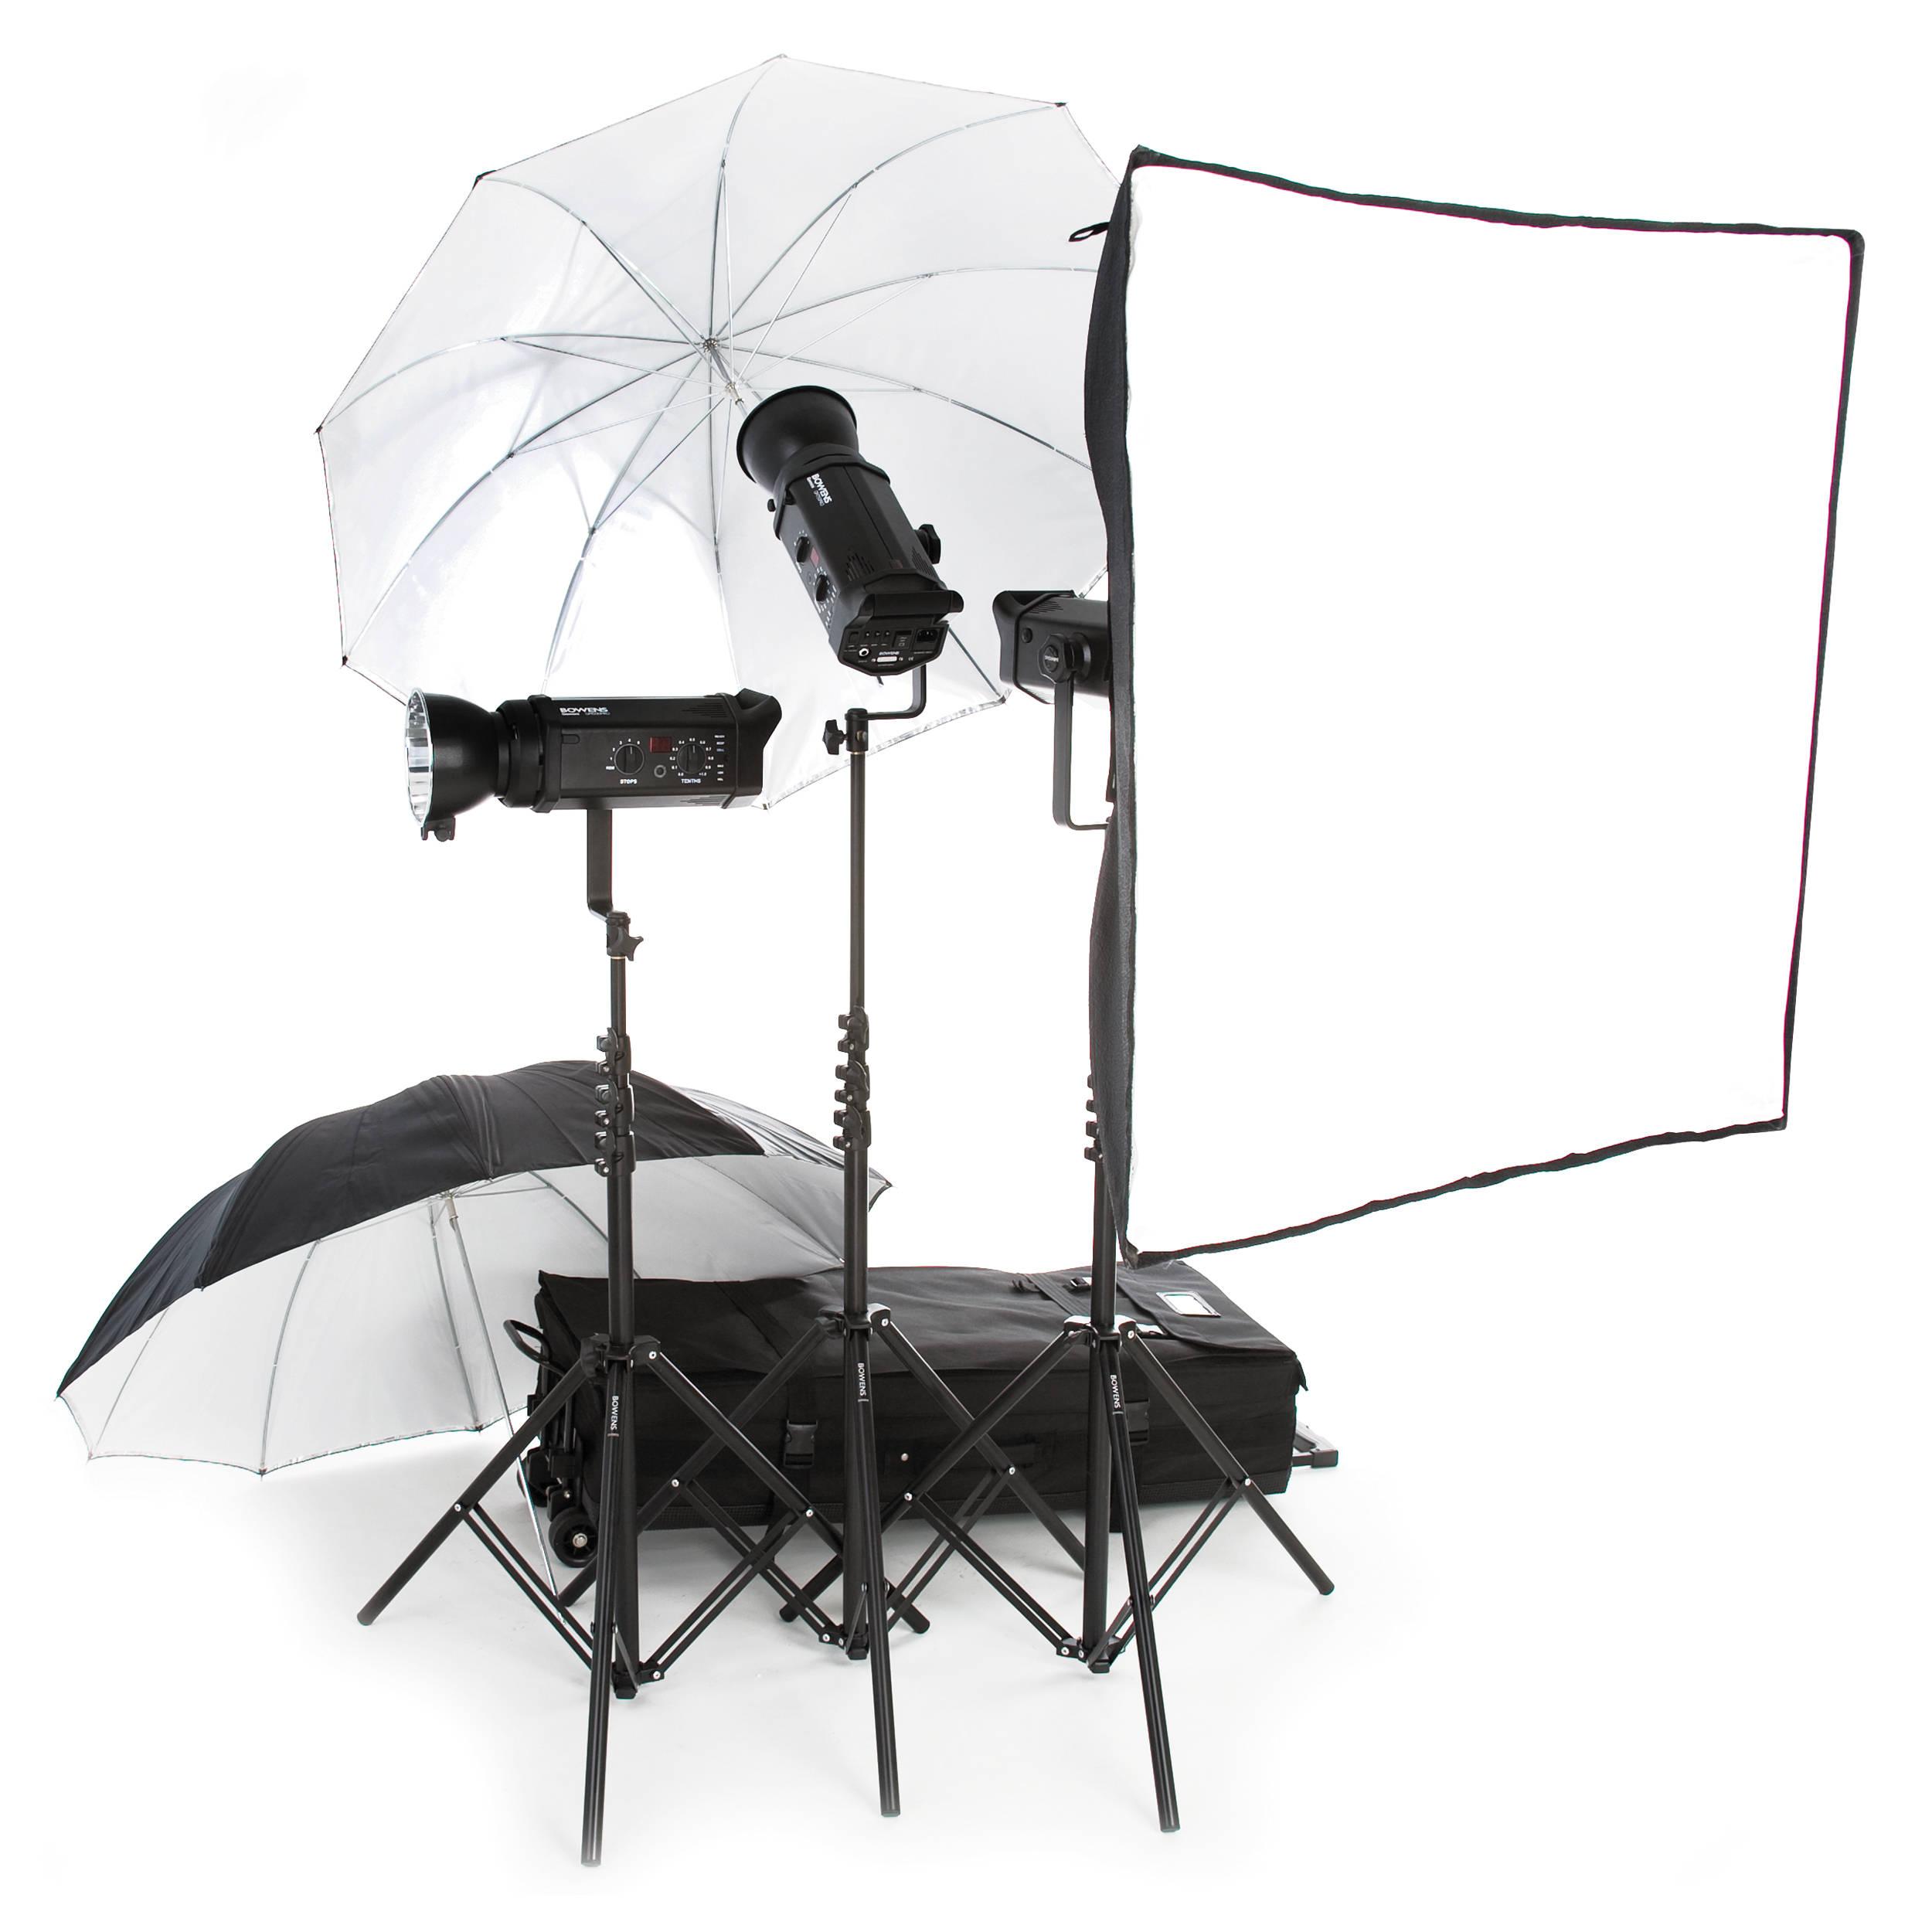 Bowens Esprit 500 Studio Lighting Kit: Bowens Gemini 500 Pro 3-Light Kit BW-4870US B&H Photo Video